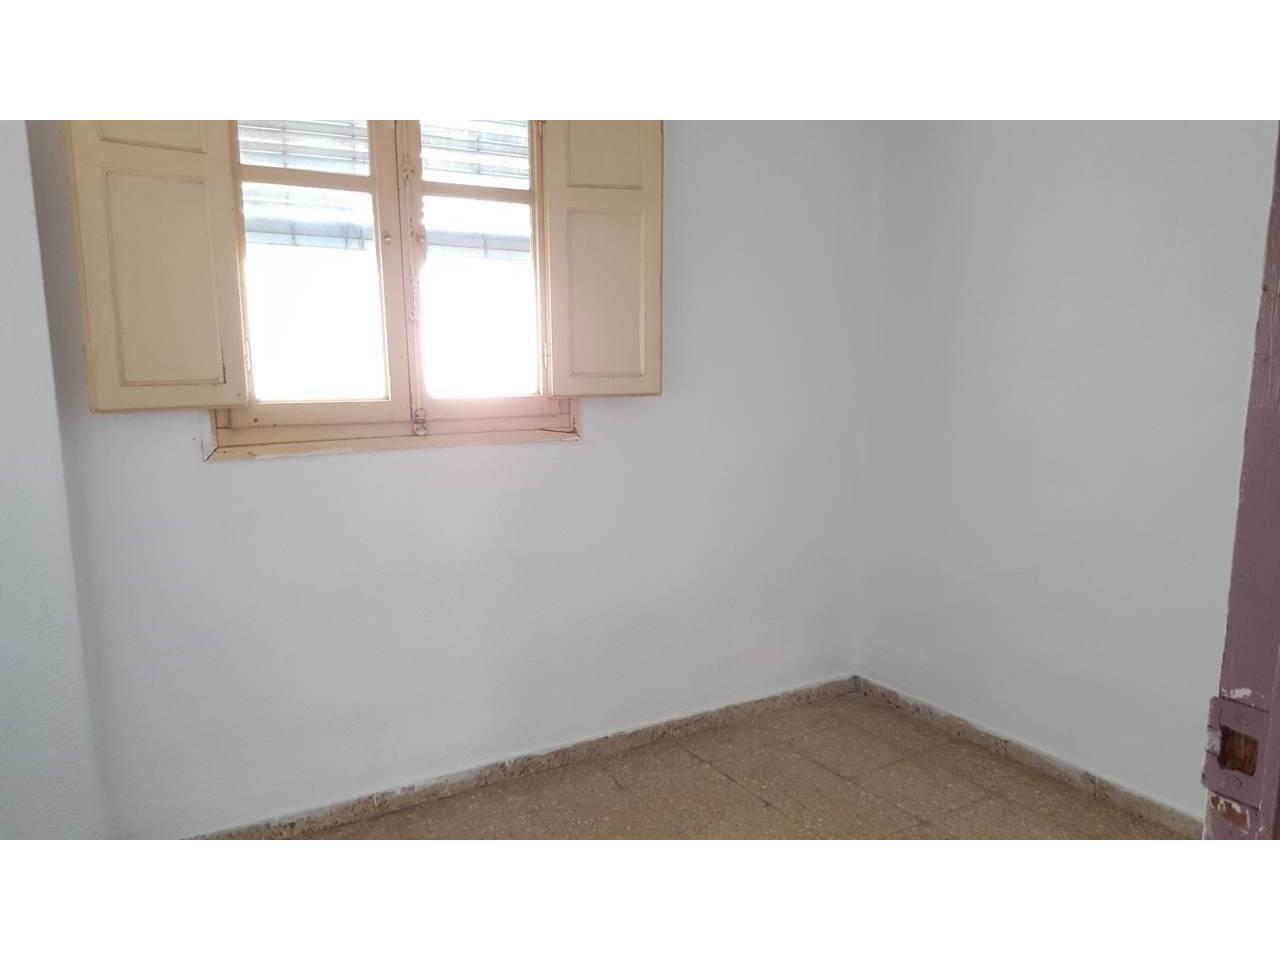 Lloguer Pis  Aldaia. Altura piso 3º, piso superficie total 70 m², superficie útil 70